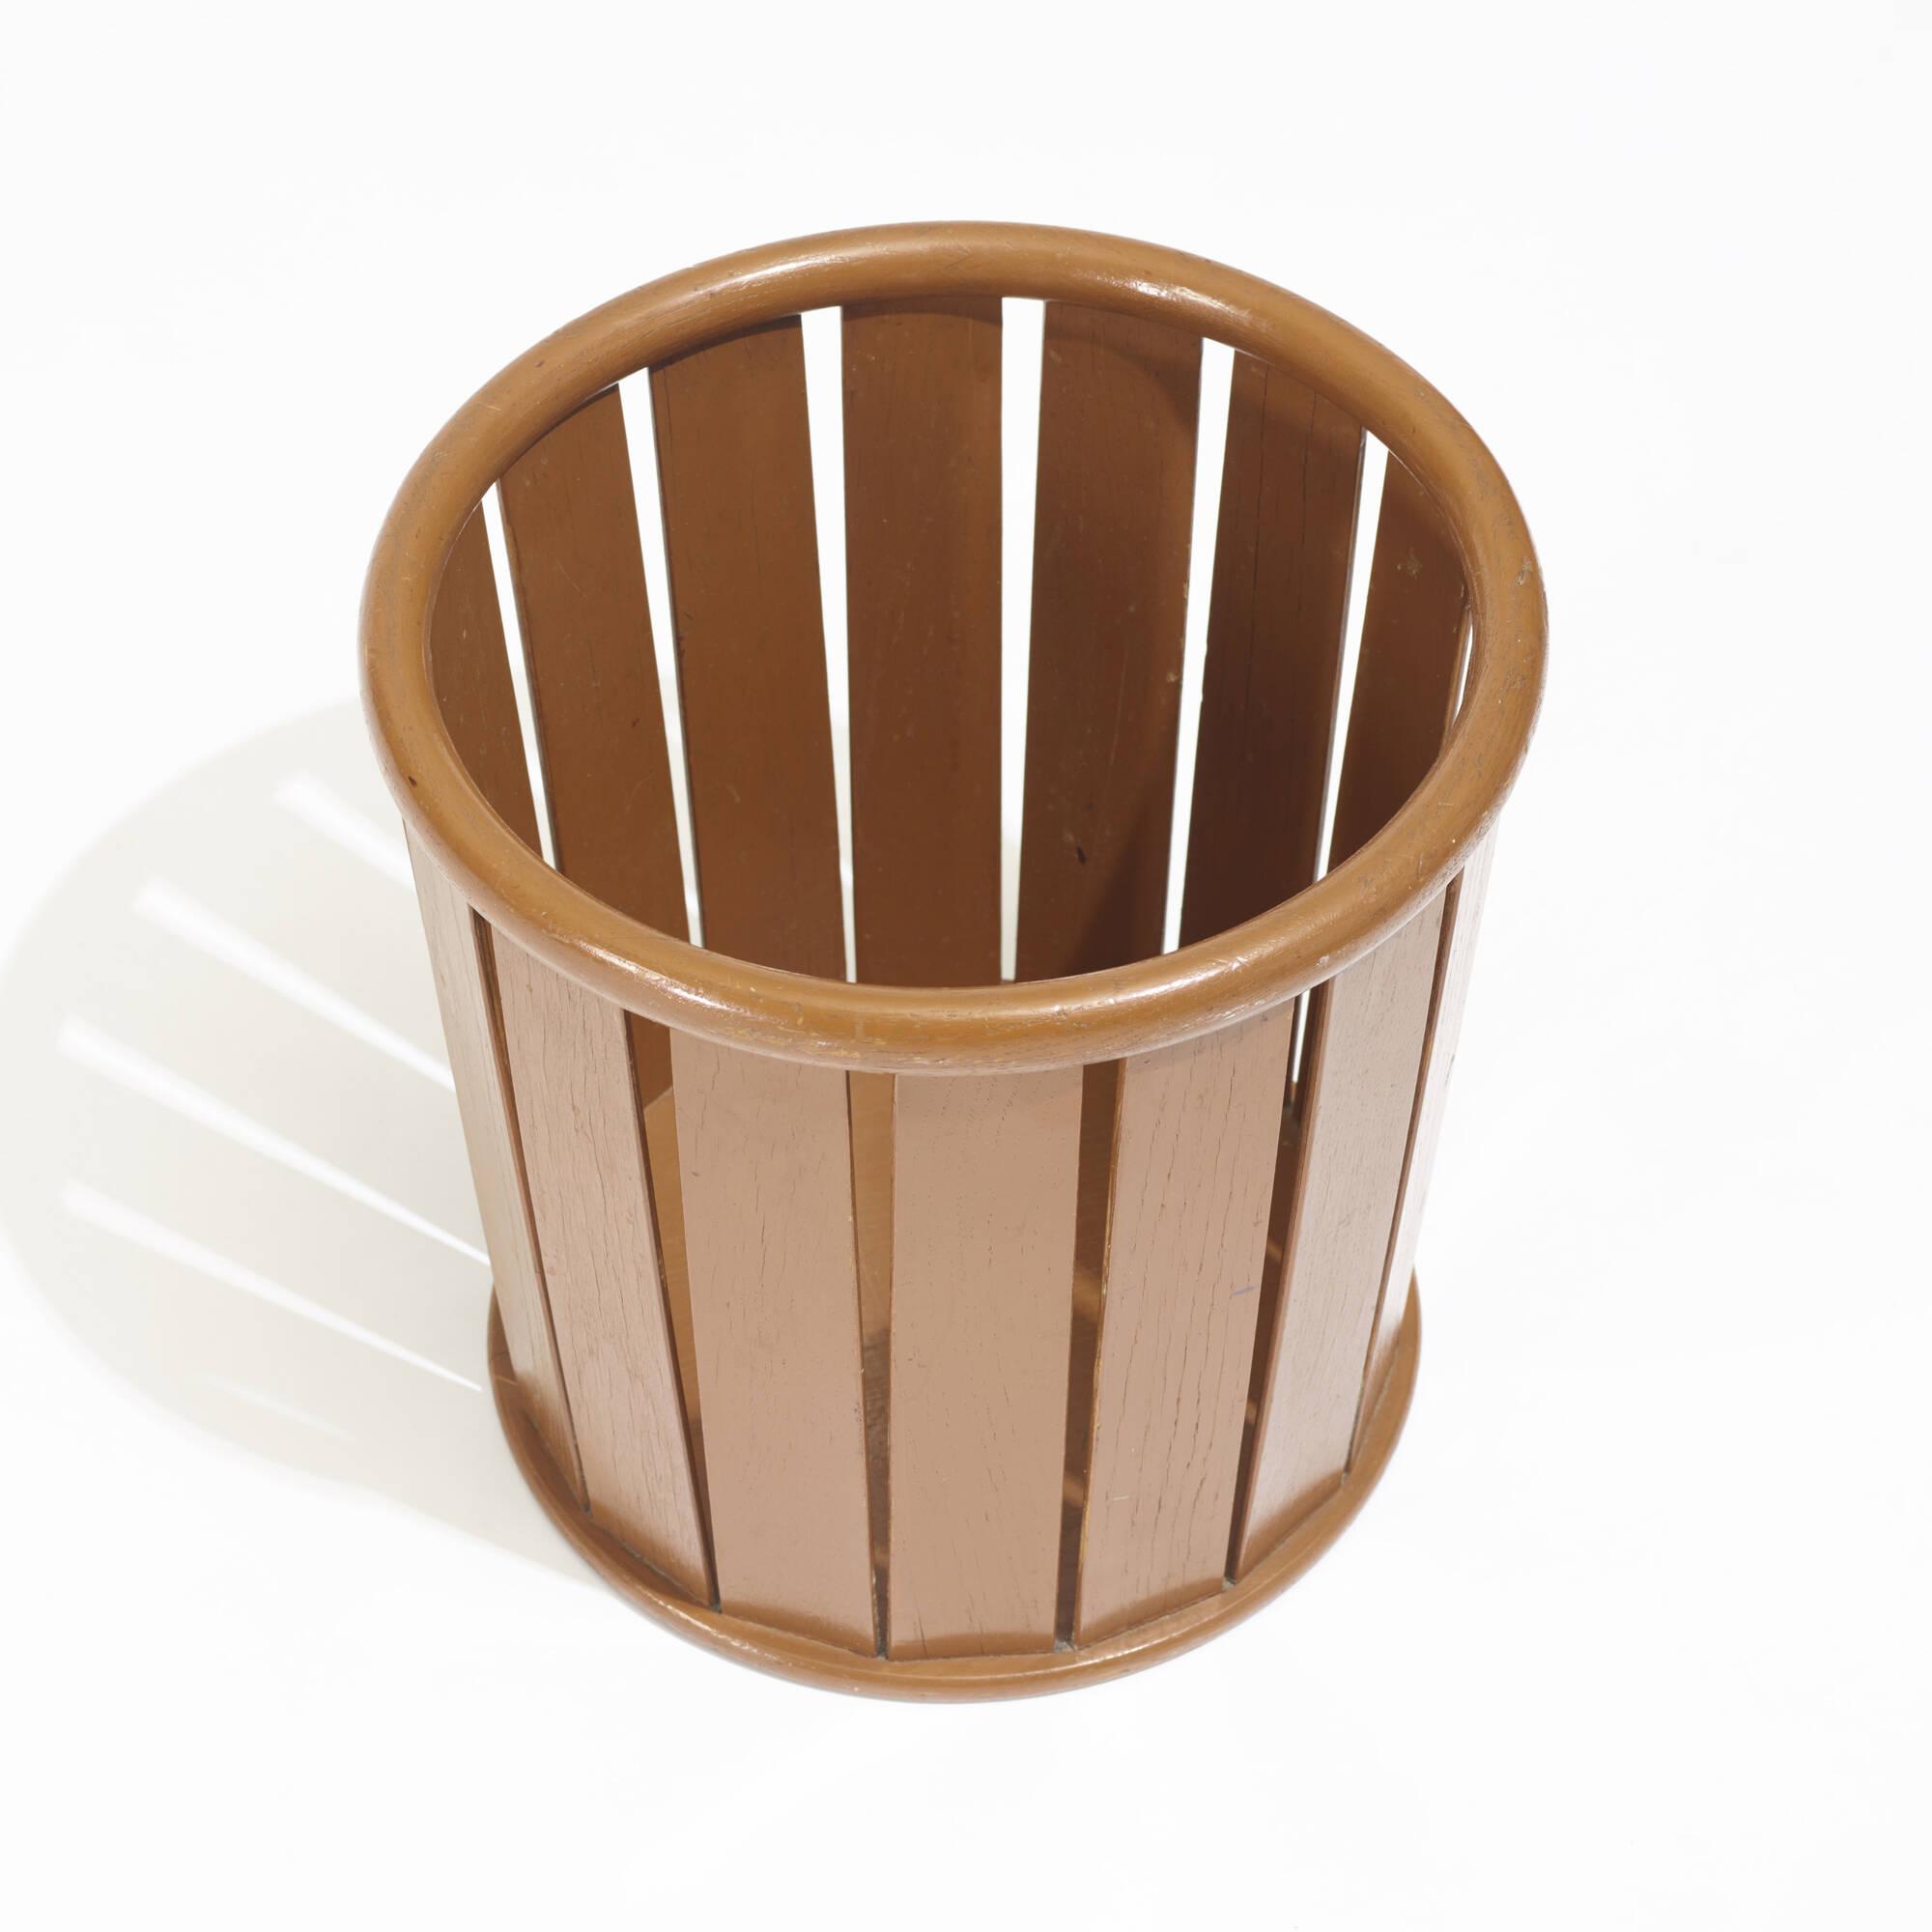 Wastepaper Basket 382: hans j. wegner / wastepaper basket < scandinavian design, 18